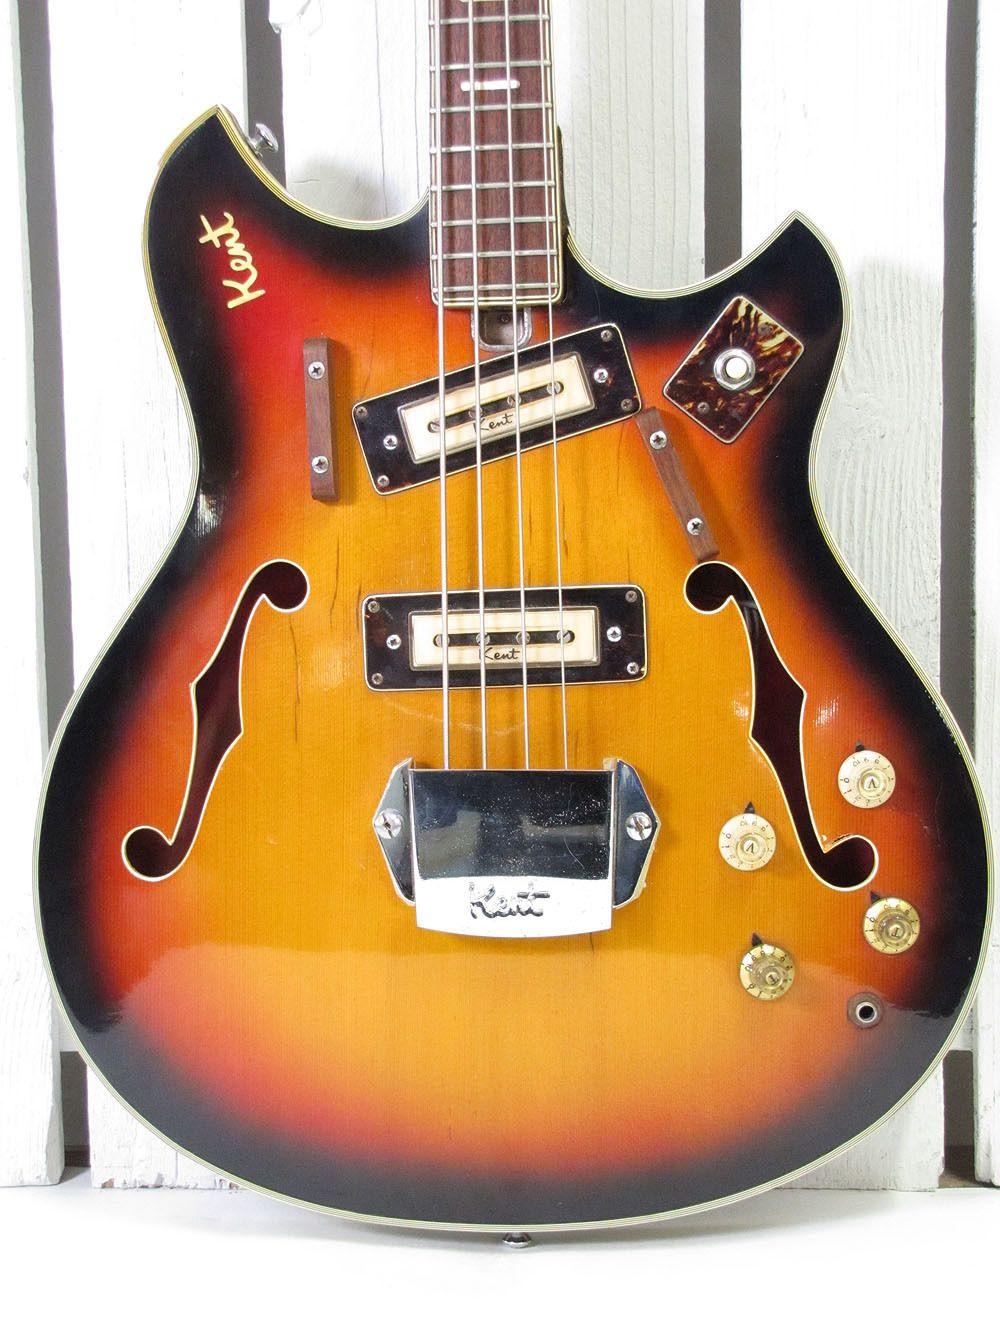 vintage 1960 39 s kent model 822 electric bass guitar made in japan ebay vintage bass guitars. Black Bedroom Furniture Sets. Home Design Ideas